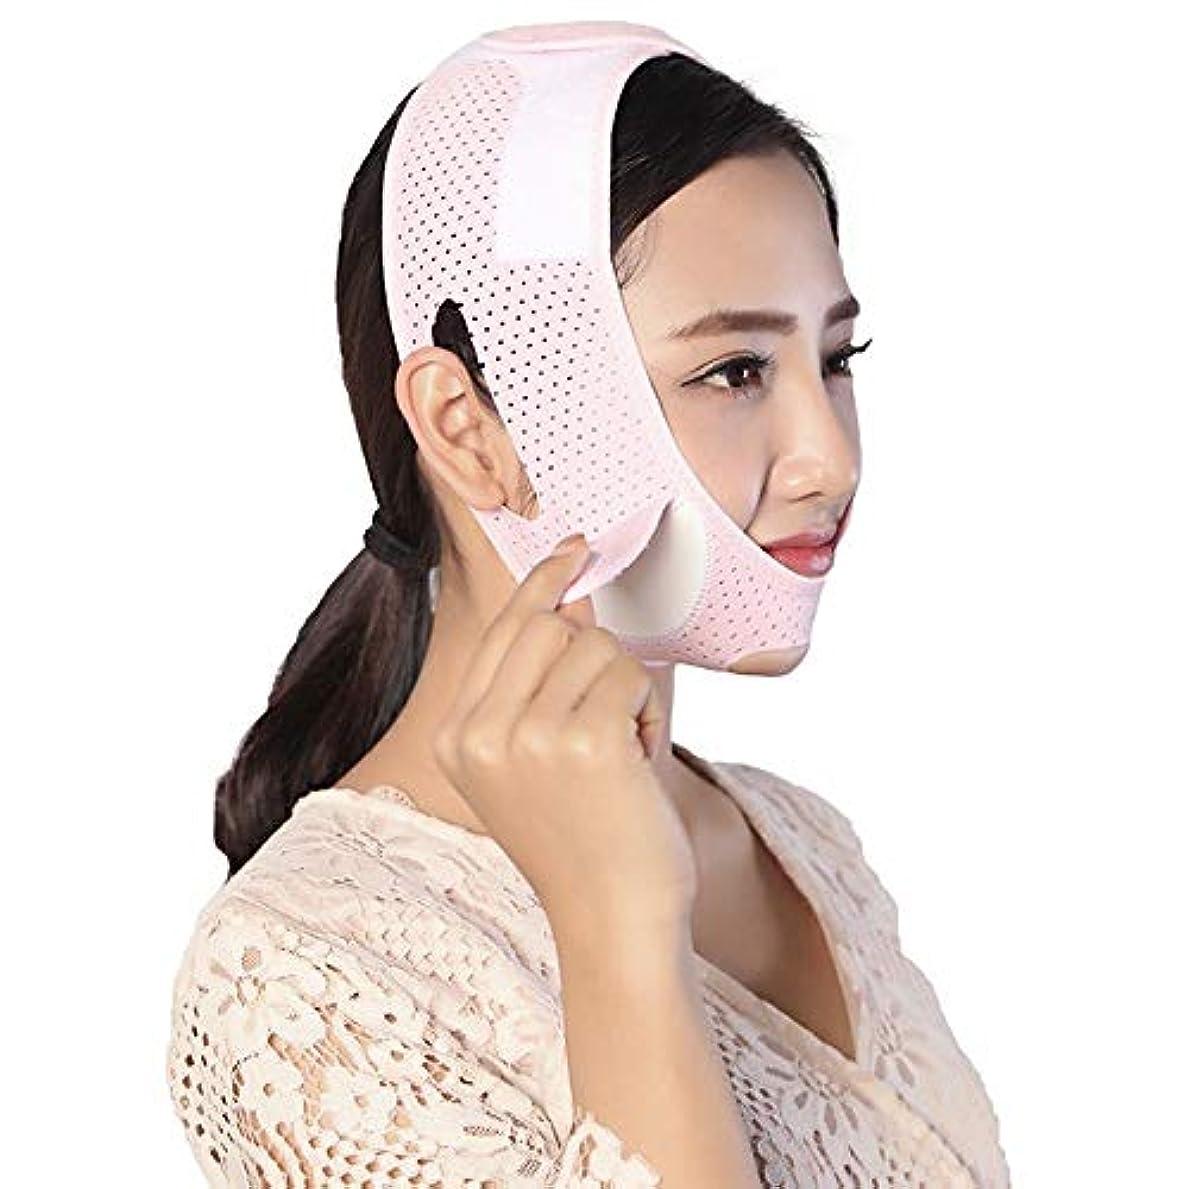 所有権降雨摩擦Jia Jia- フェイシャルリフティング痩身ベルト - 圧縮二重あご減量ベルトスキンケア薄い顔包帯 顔面包帯